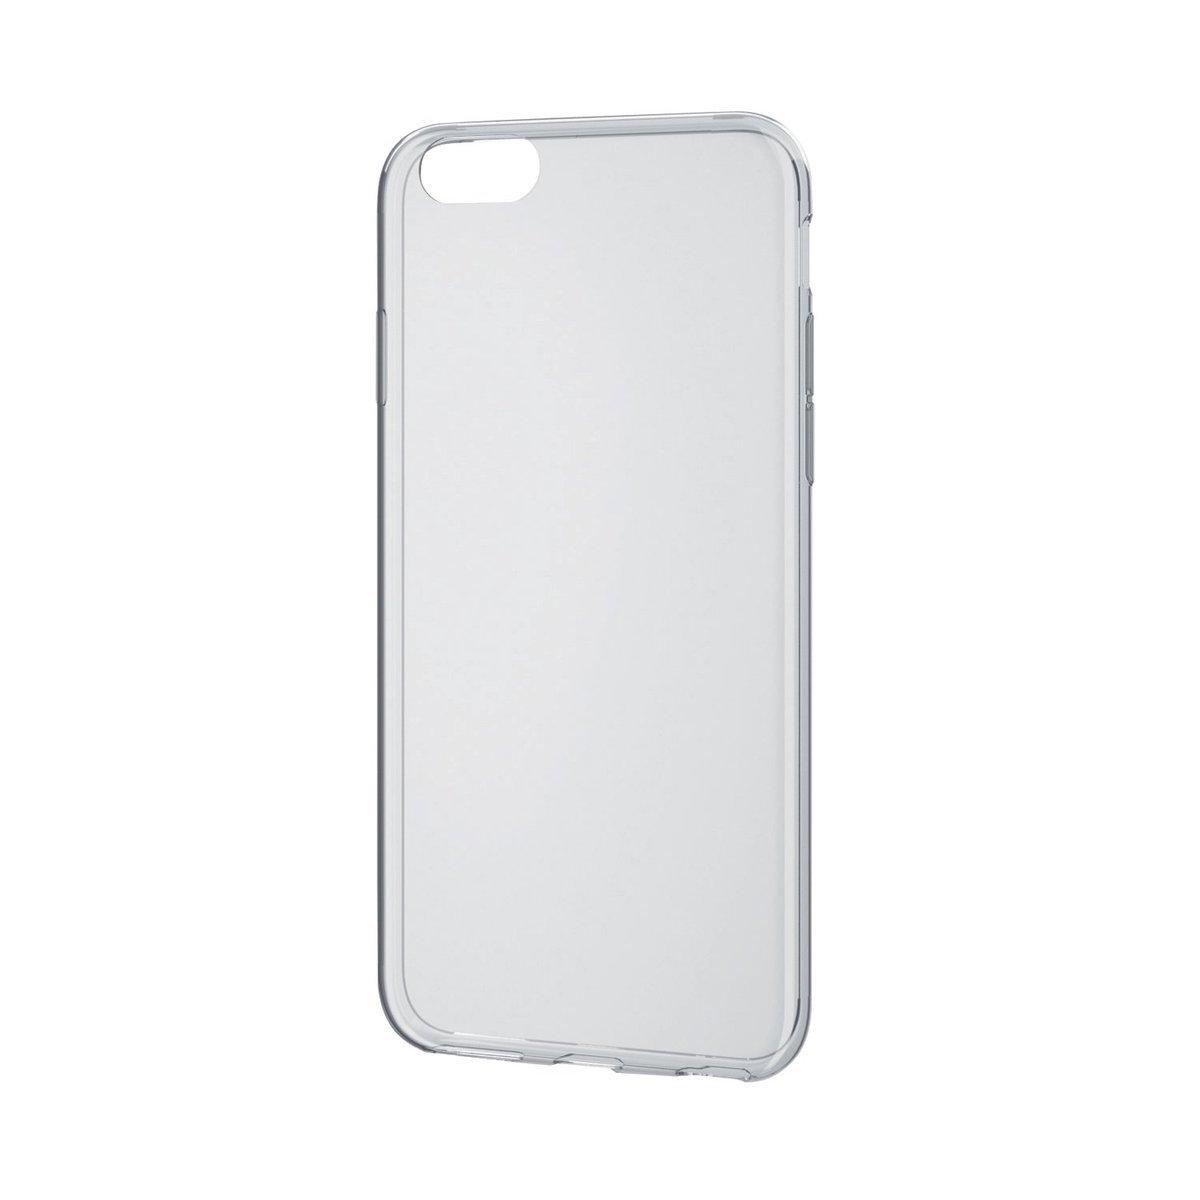 iPhone 6/6S 薄型透明軟殼